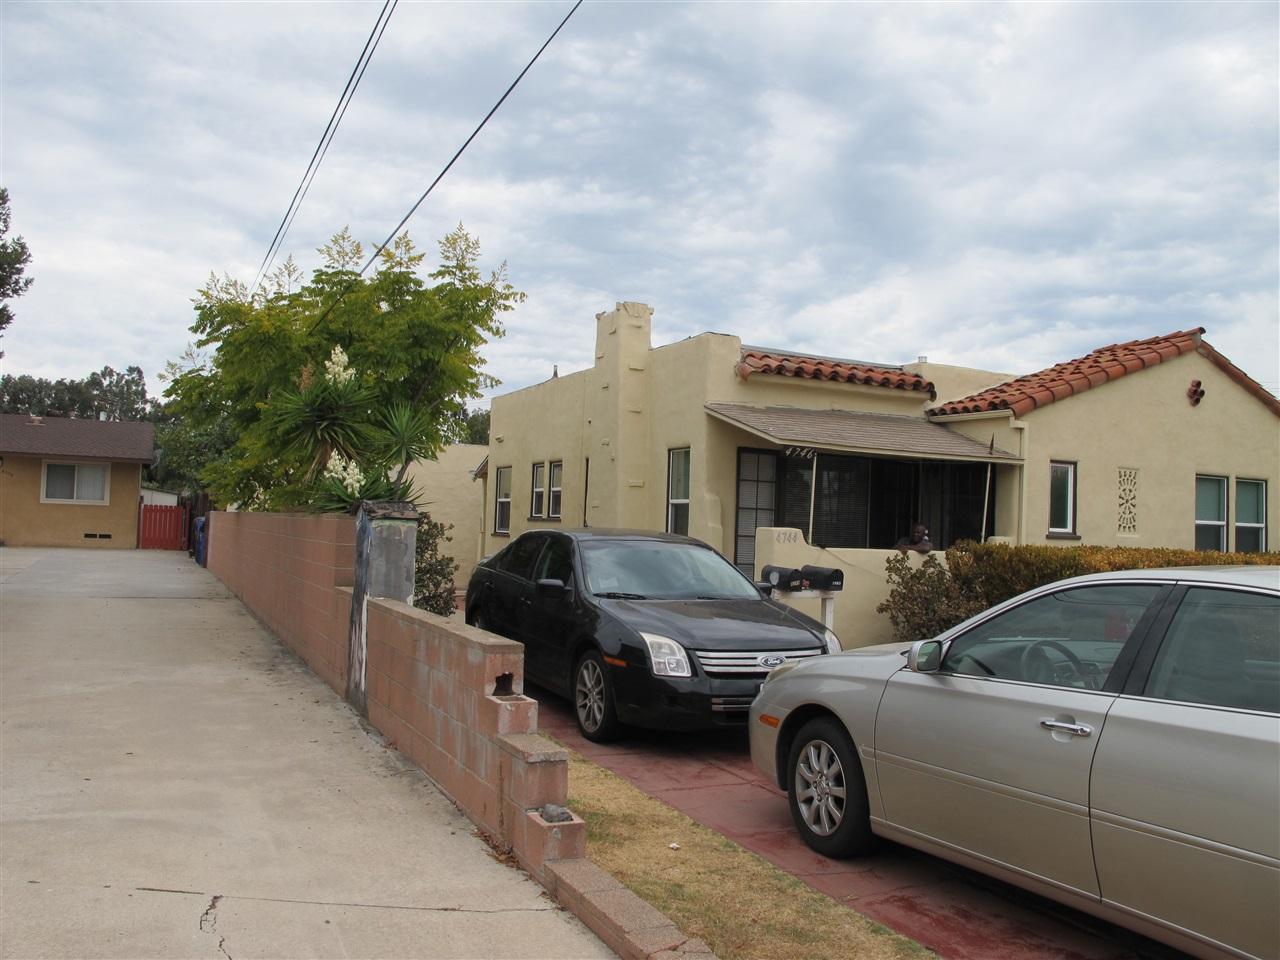 4744-46 Choctaw Drive, San Diego, CA 92115